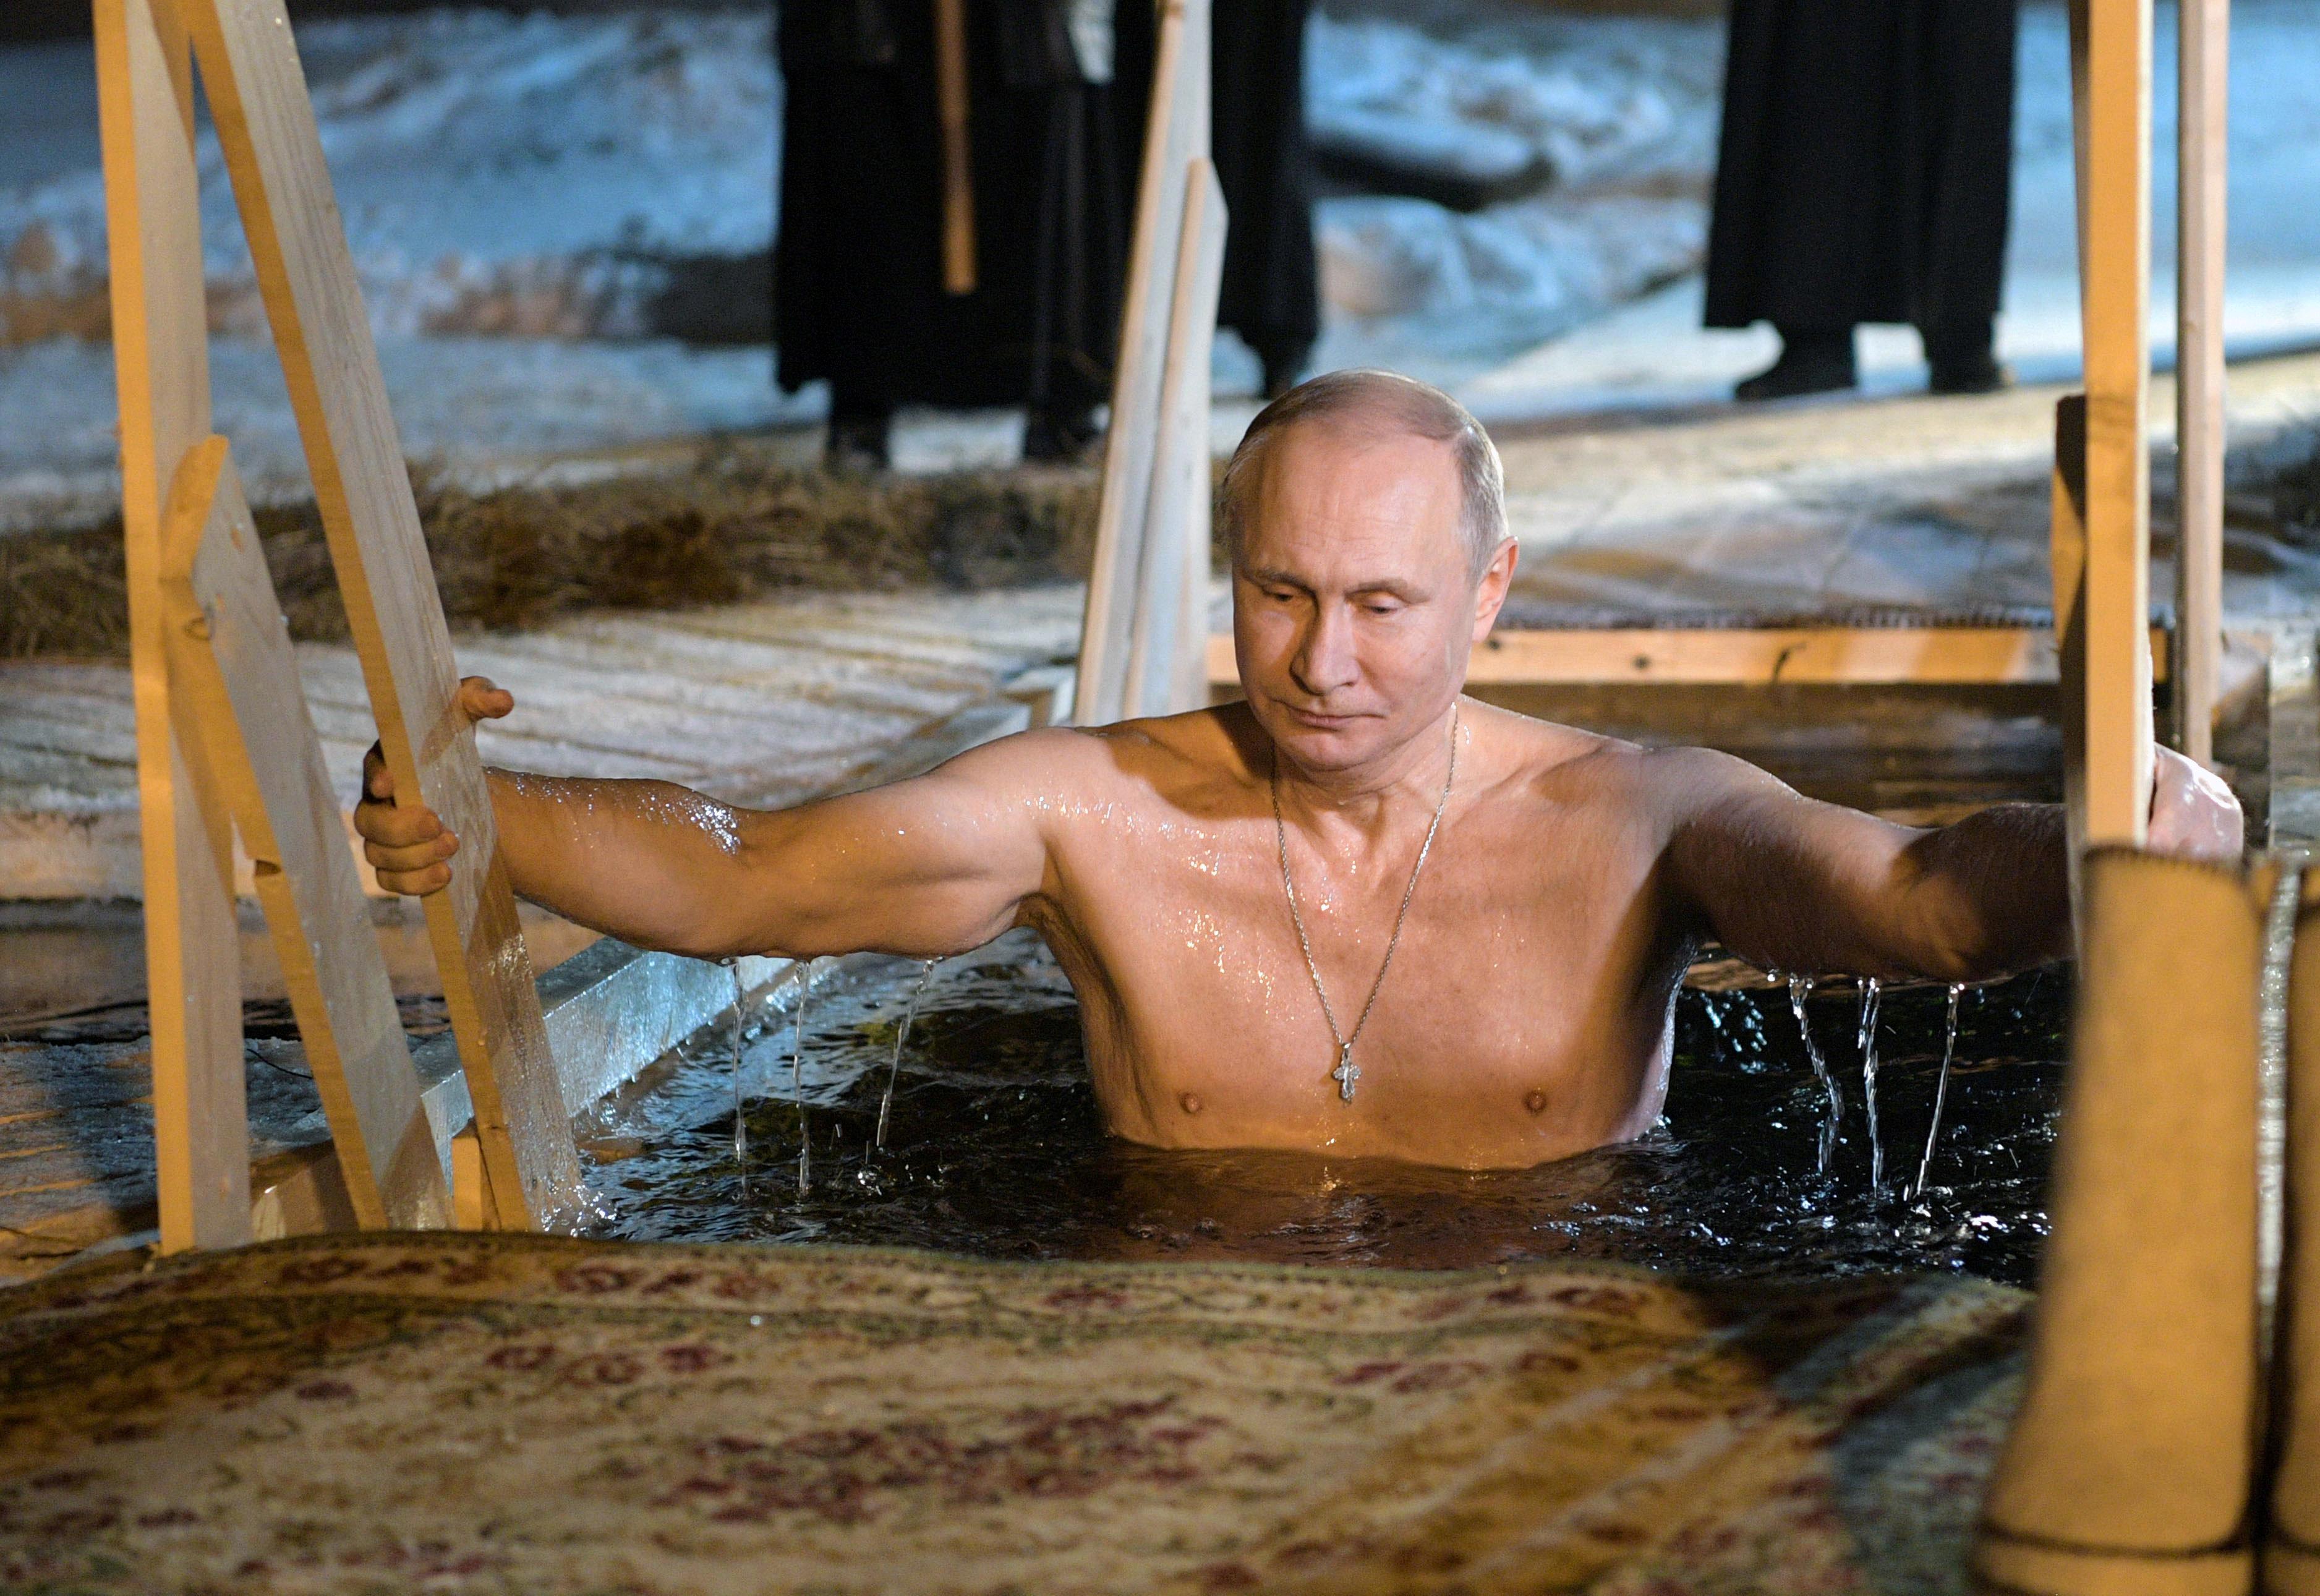 Ο εκπρόσωπος του Πούτιν ένιωσε την ανάγκη να μας ενημερώσει ότι ο Ρώσος πρόεδρος είναι άρρωστος αλλά εξακολουθεί να